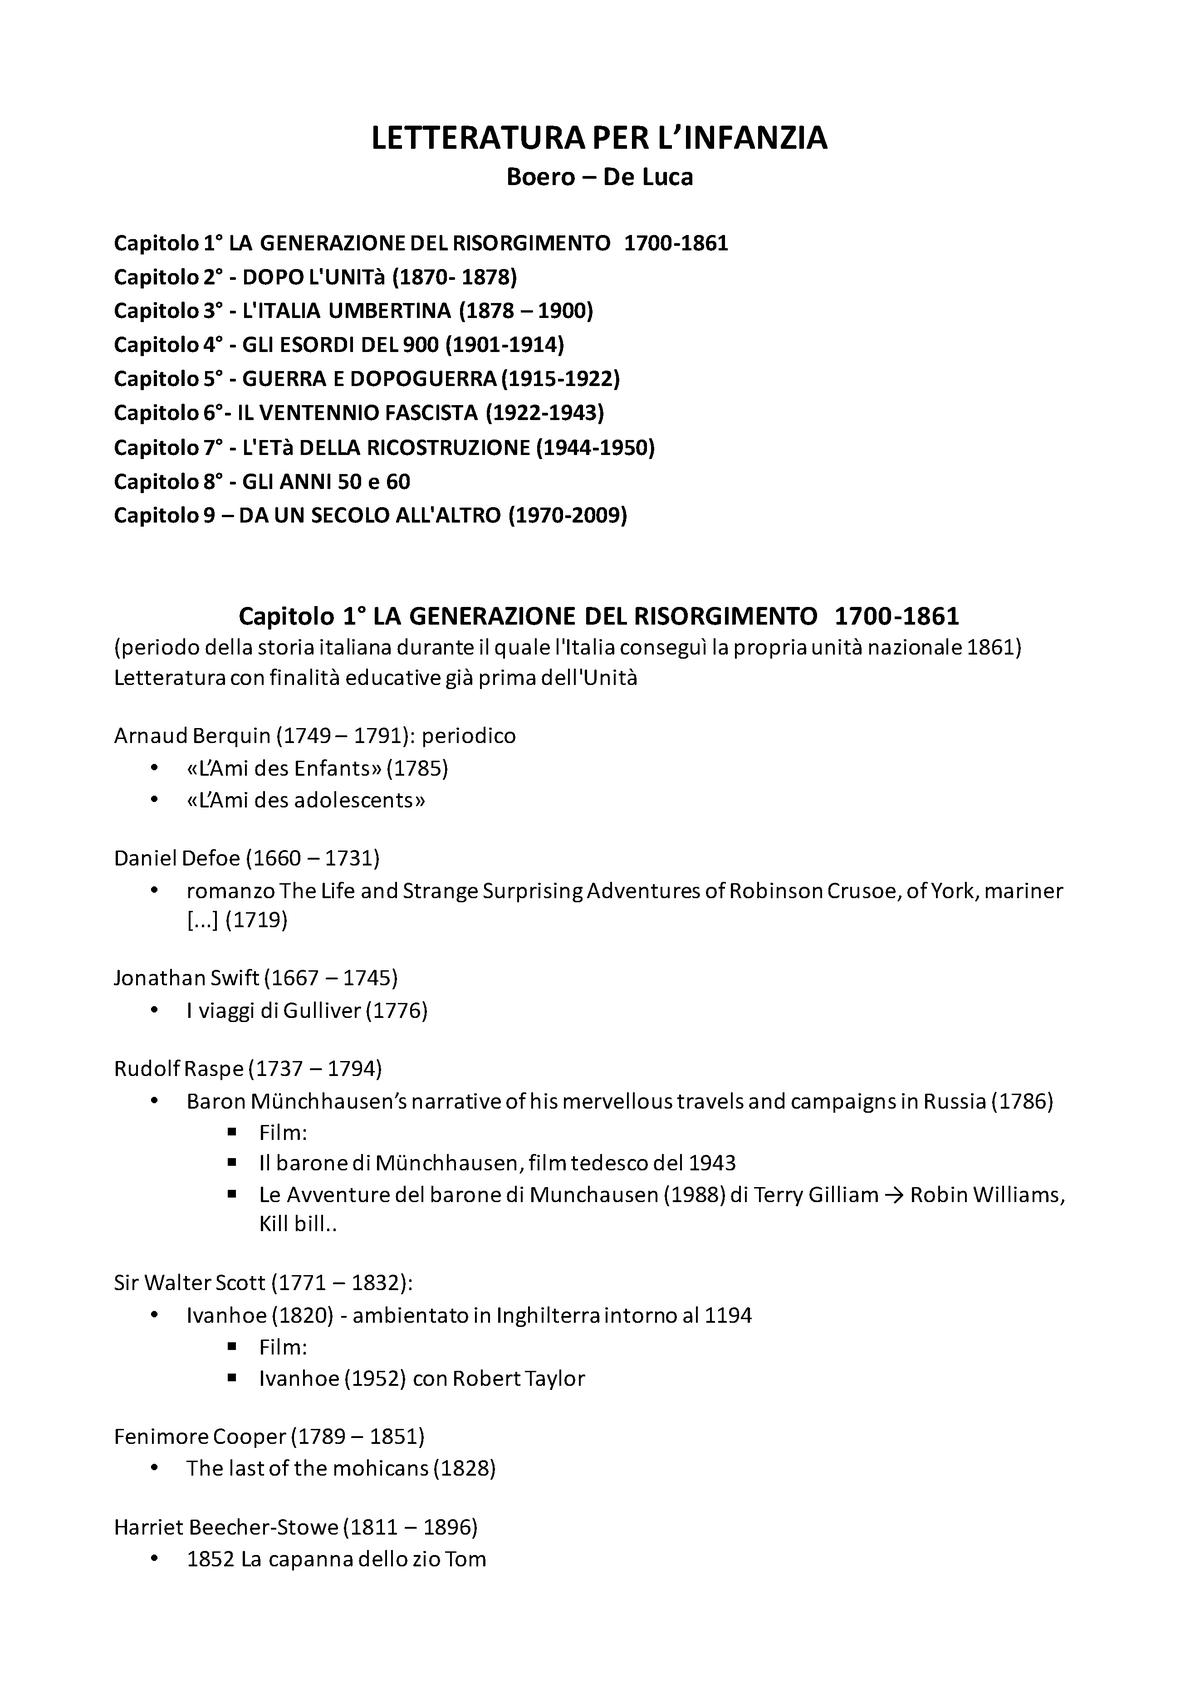 Schema Autori Opere Letteratura Per L Infanzia Boero De